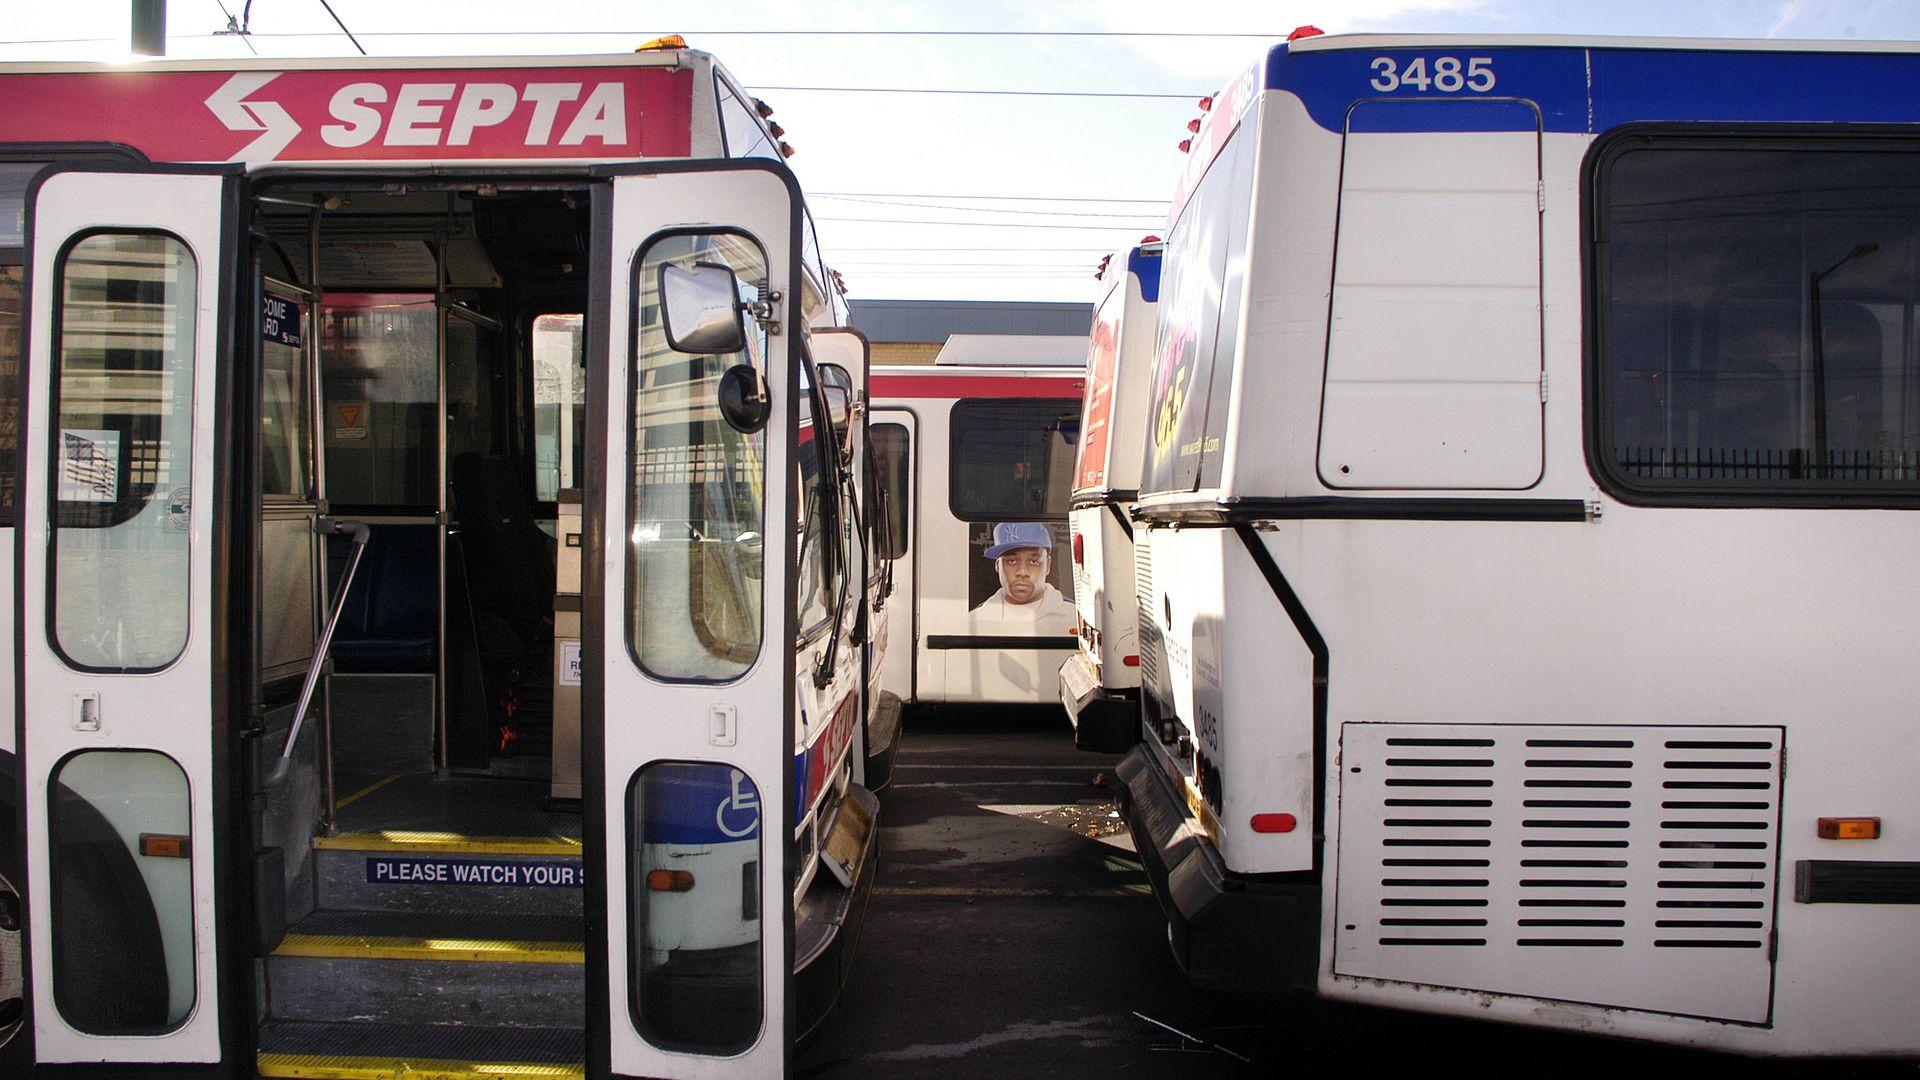 SEPTA buses sit idle.